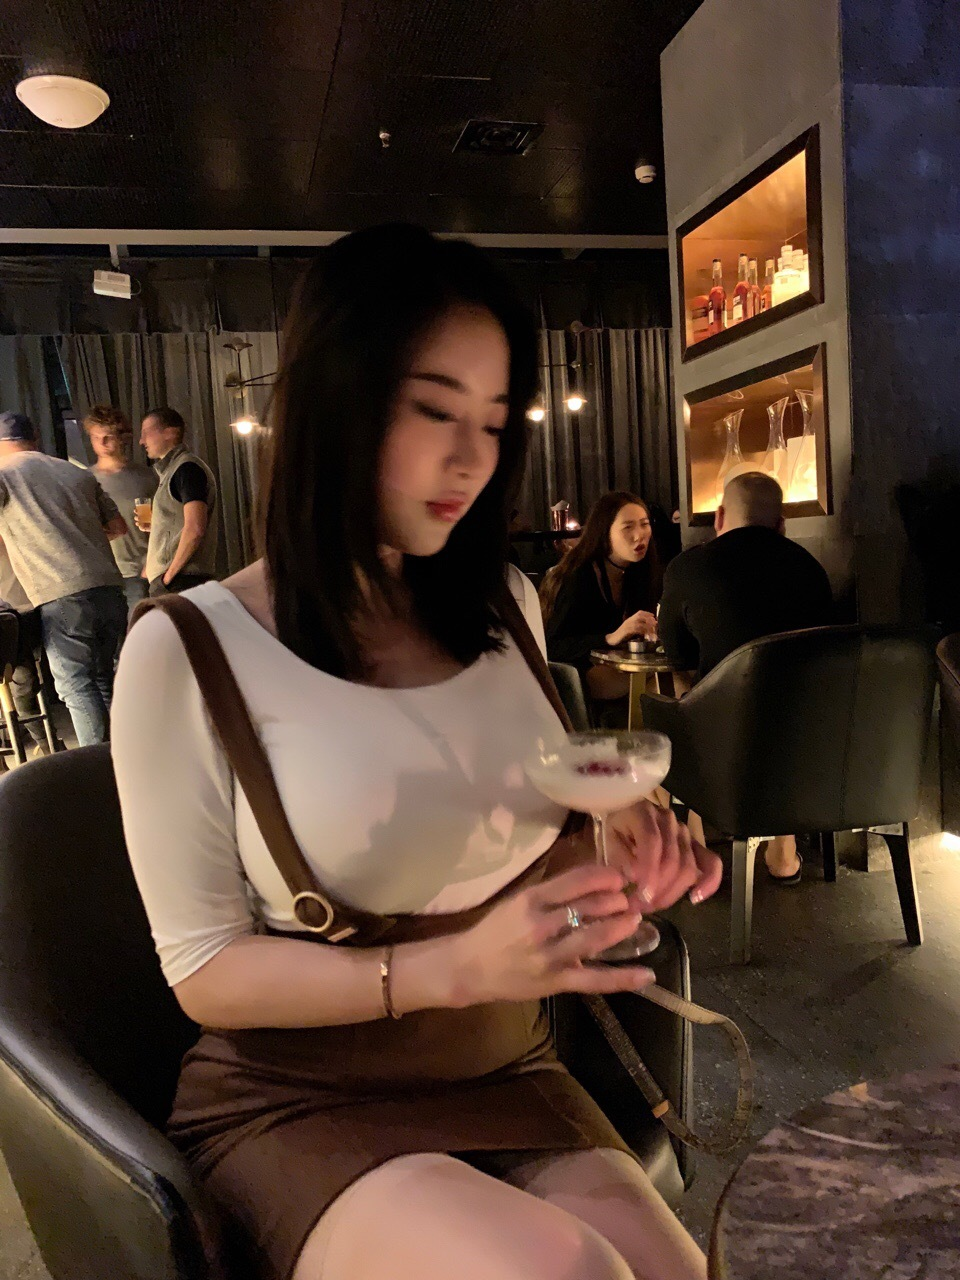 蒋娉婷:我提一杯 福利吧 第4张